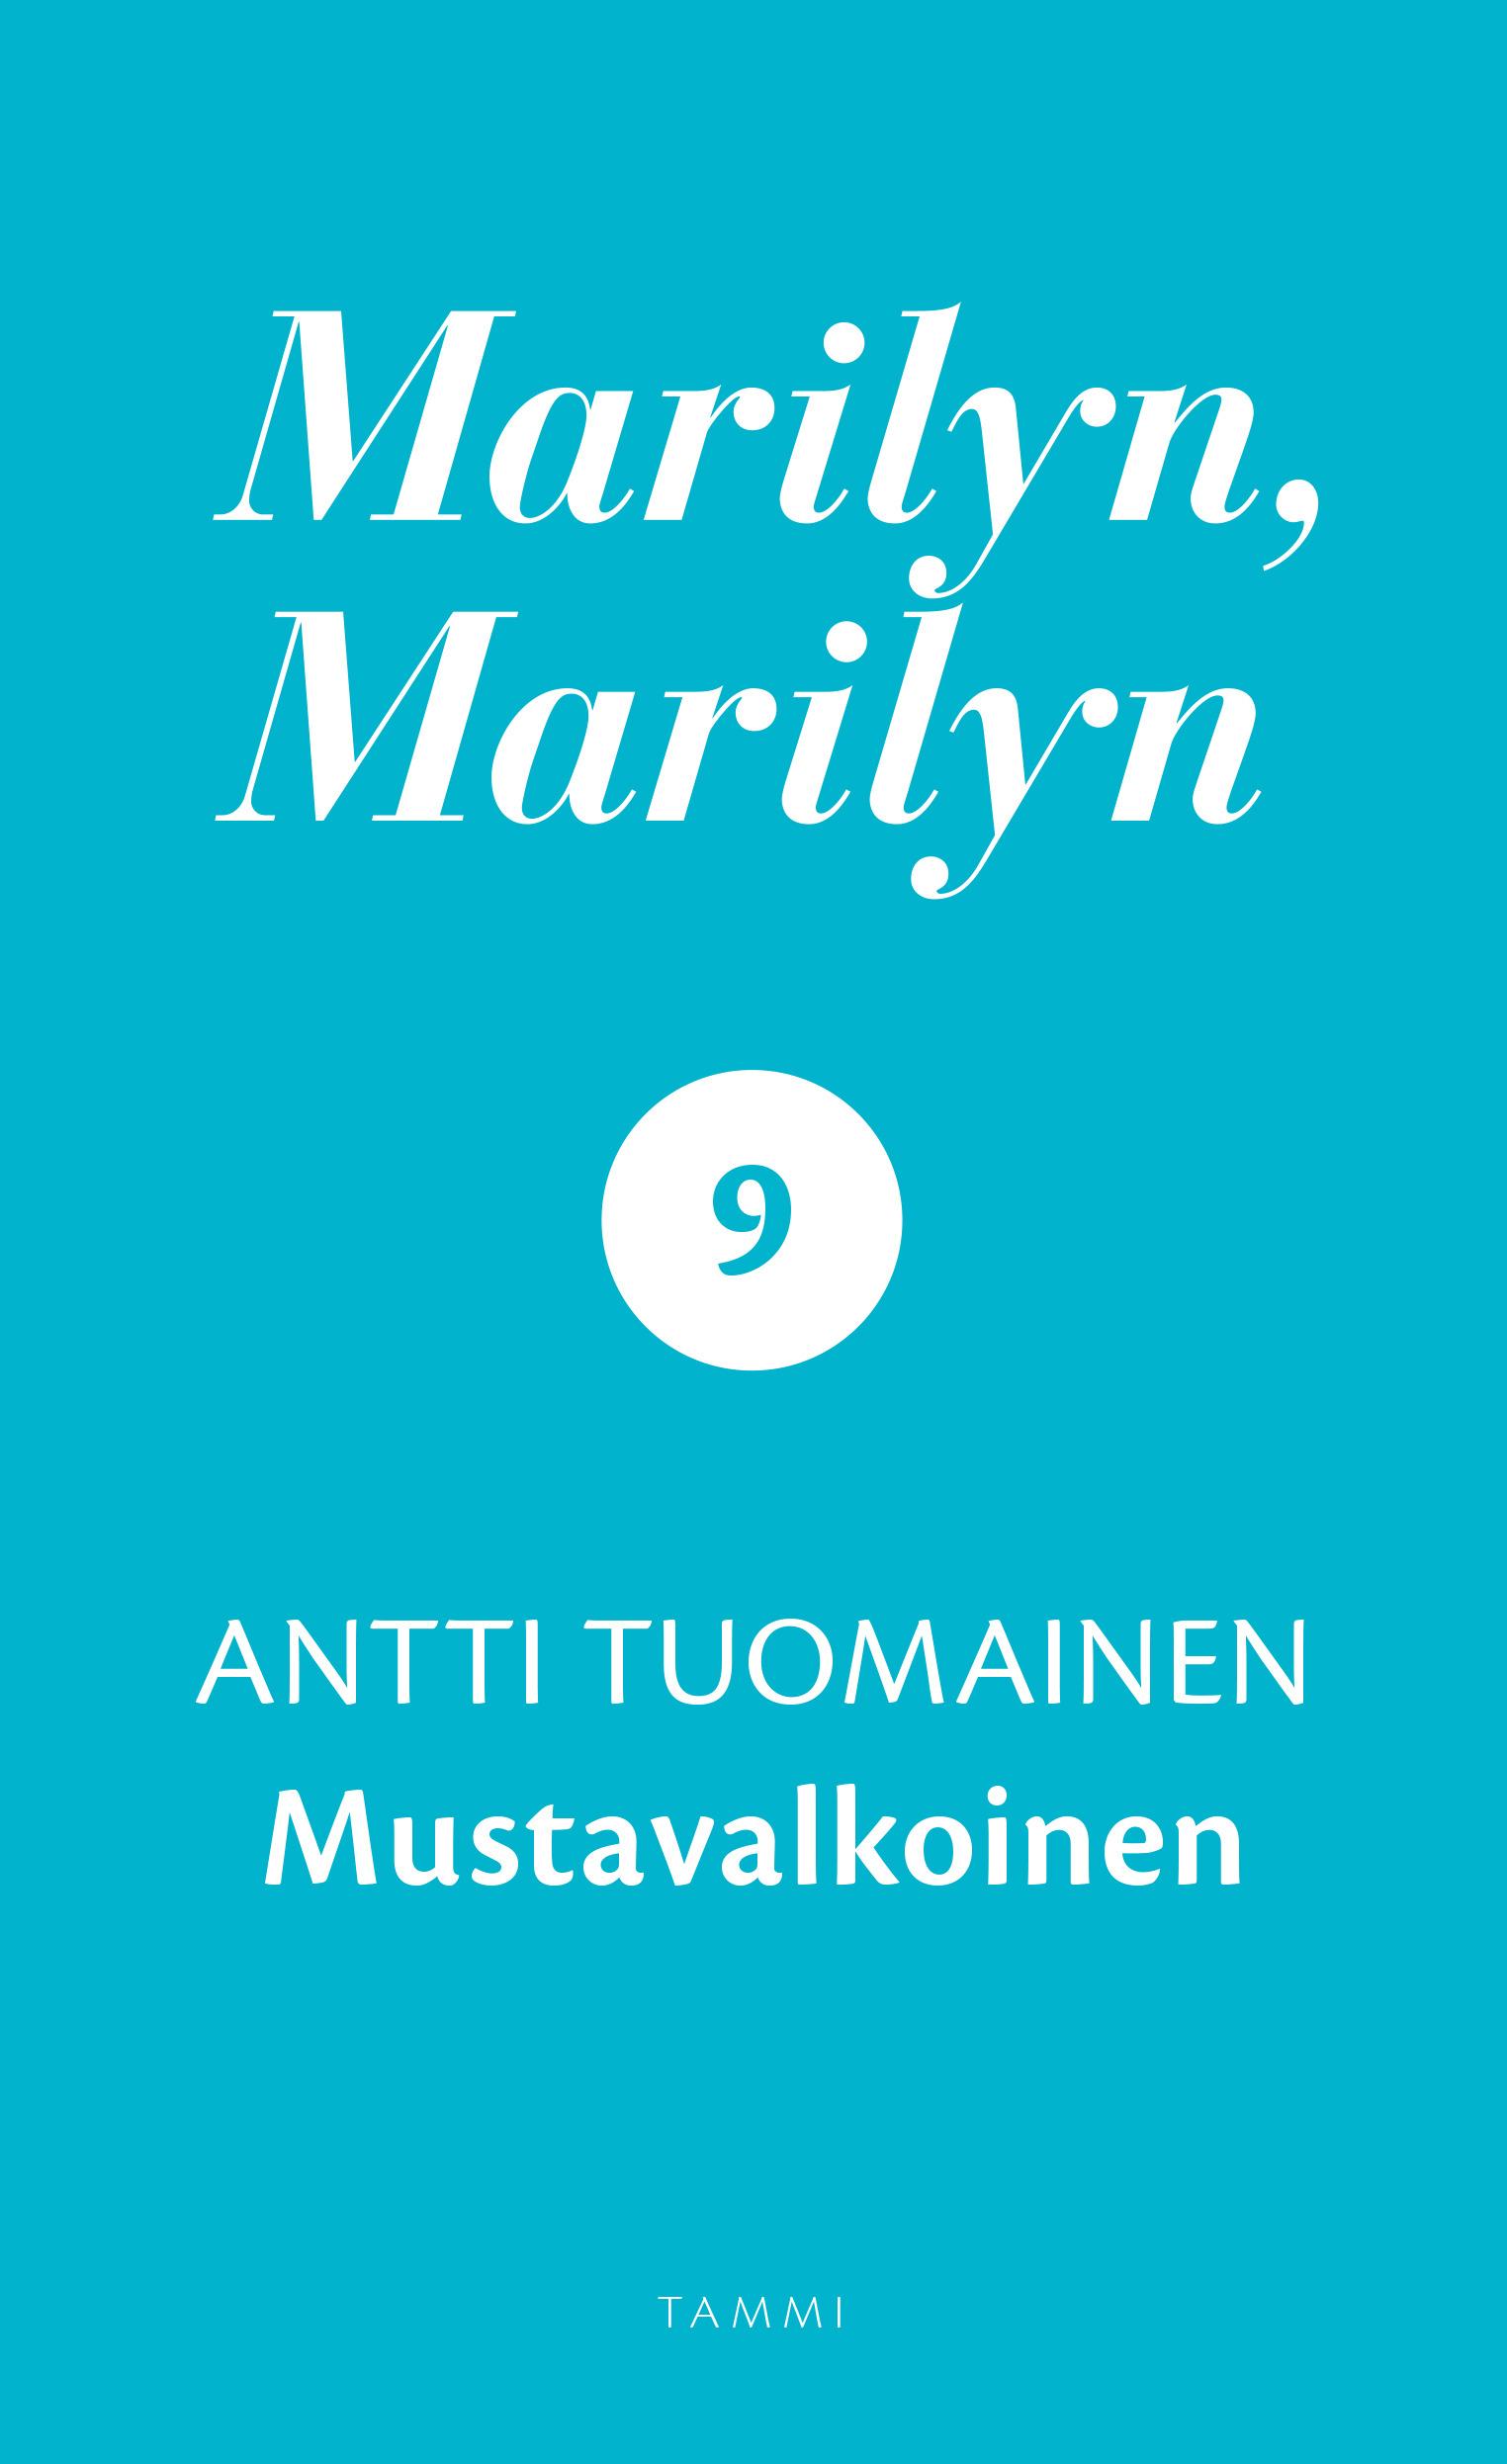 Tuomainen, Antti - Marilyn, Marilyn 9: Mustavalkoinen, e-kirja